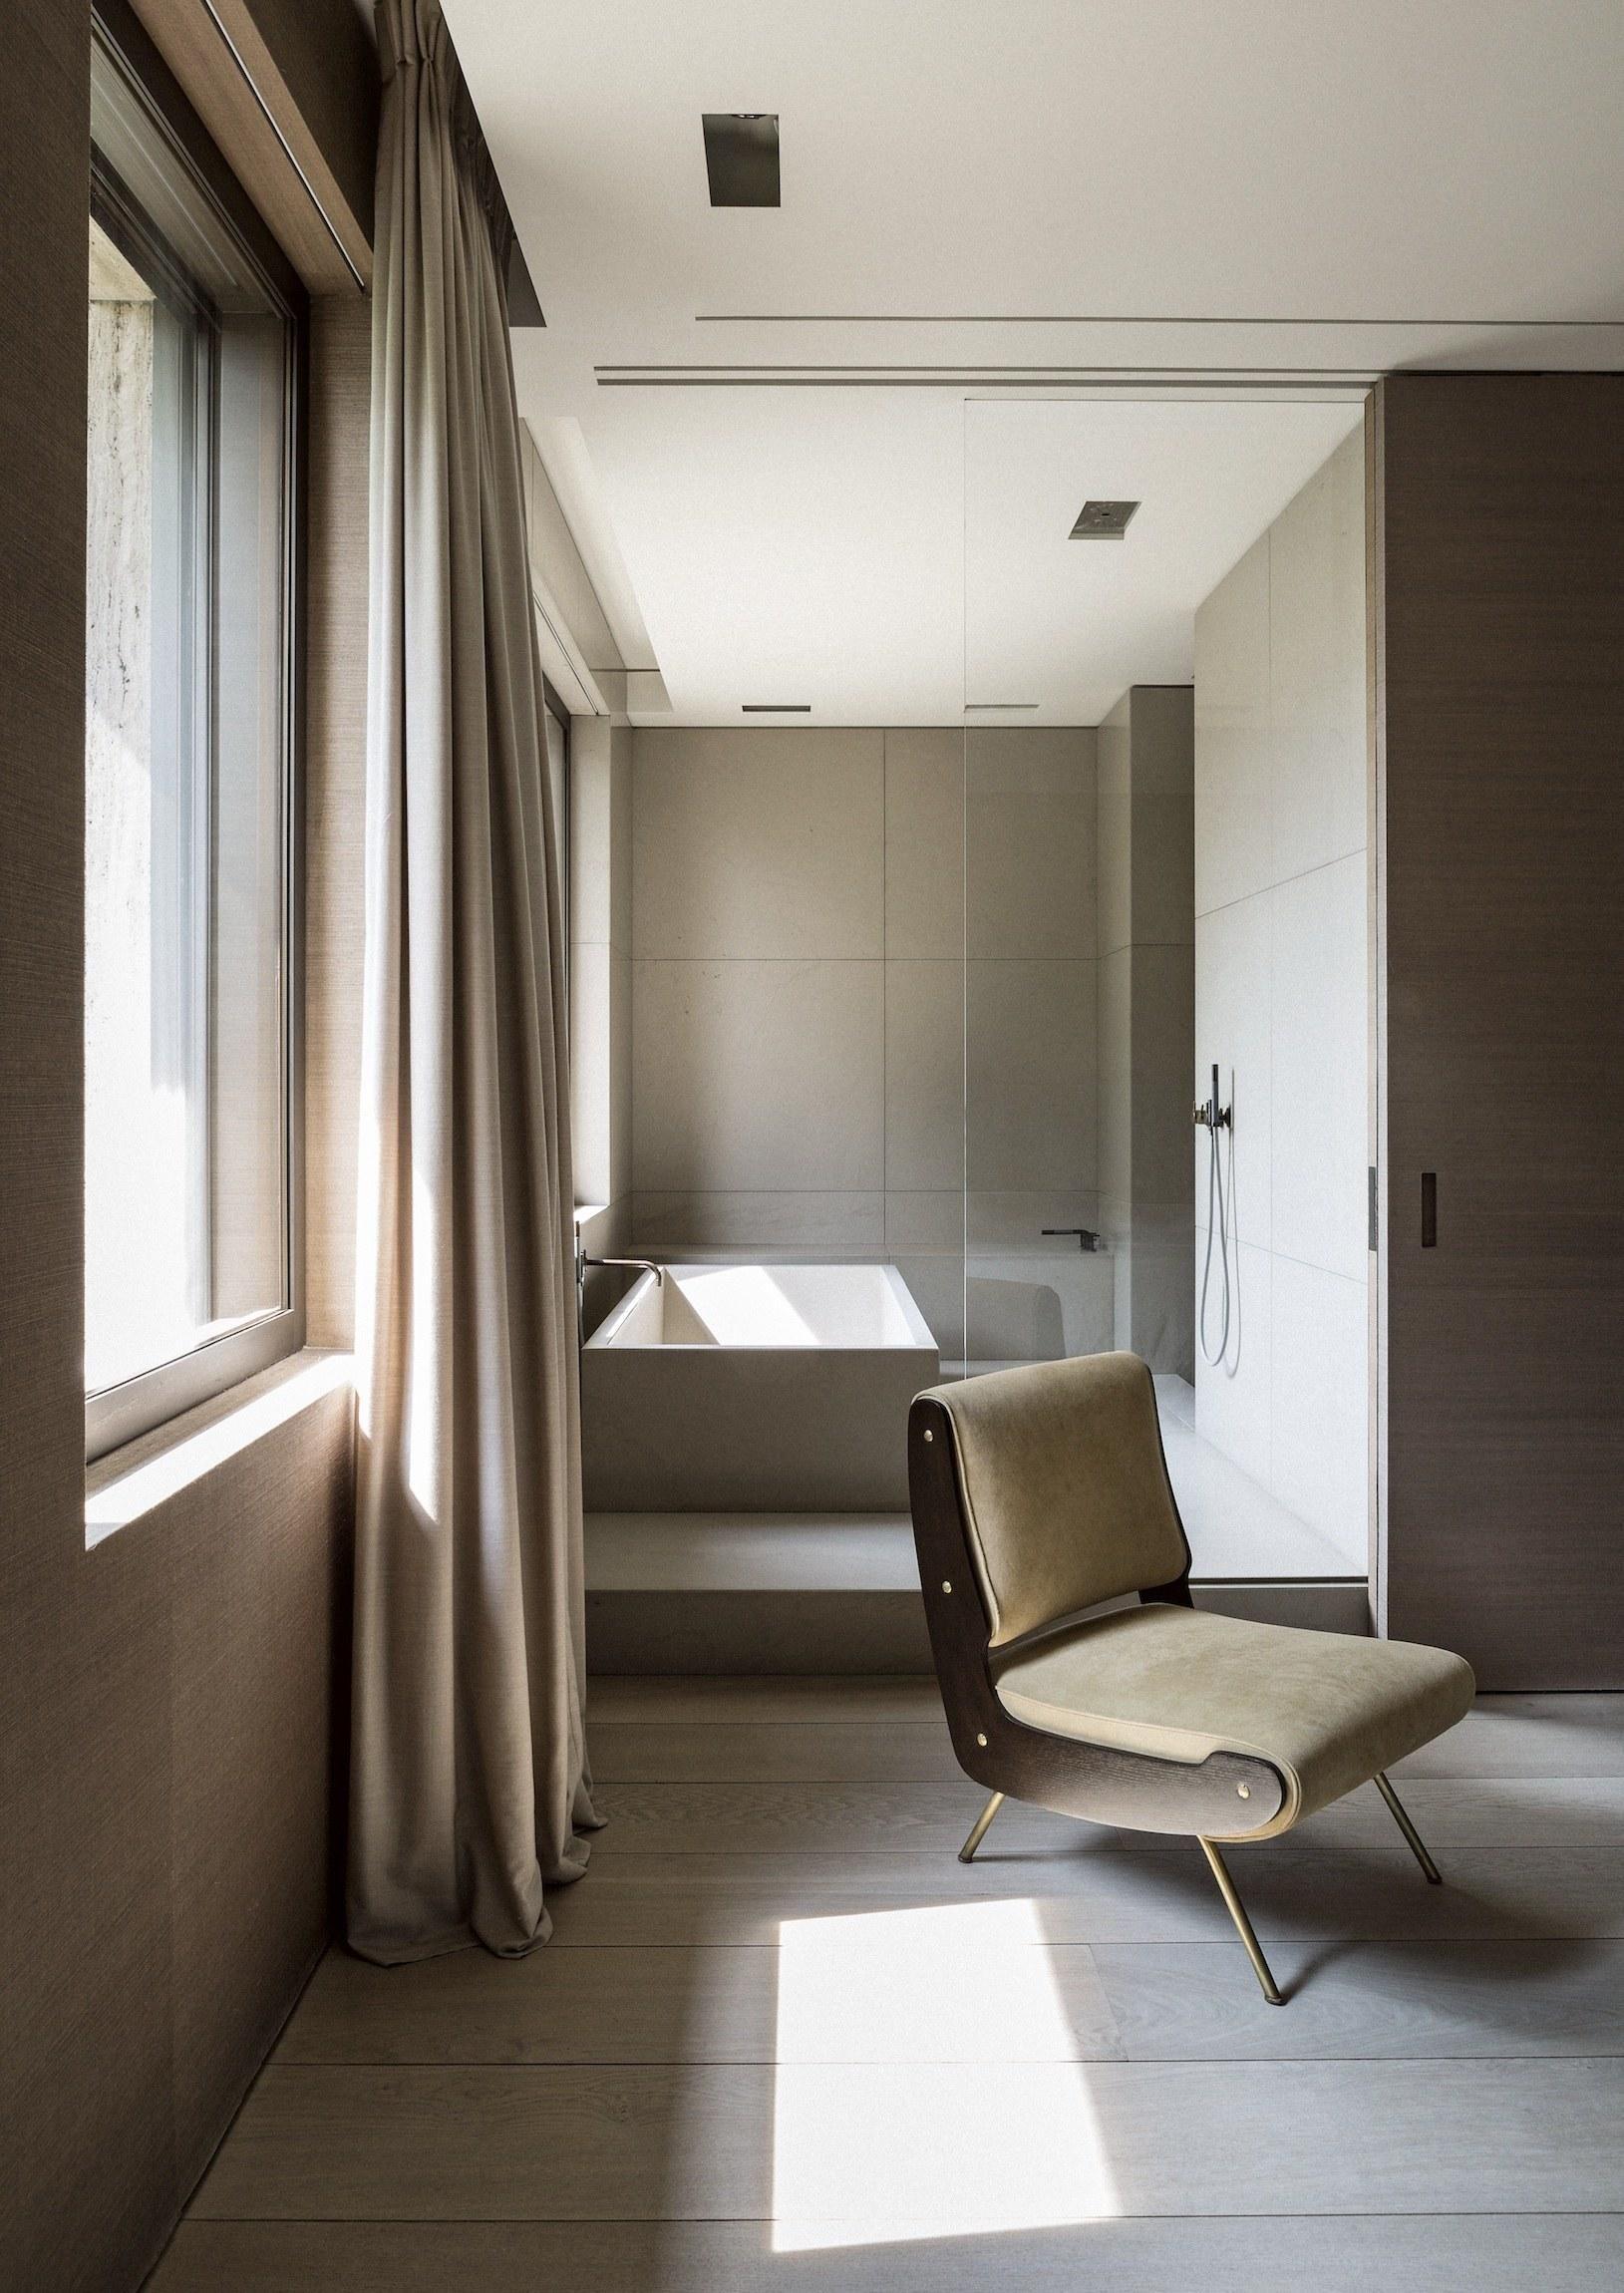 Modern, Minimal Design by Vincent Van Duysen Architects | Interior ...